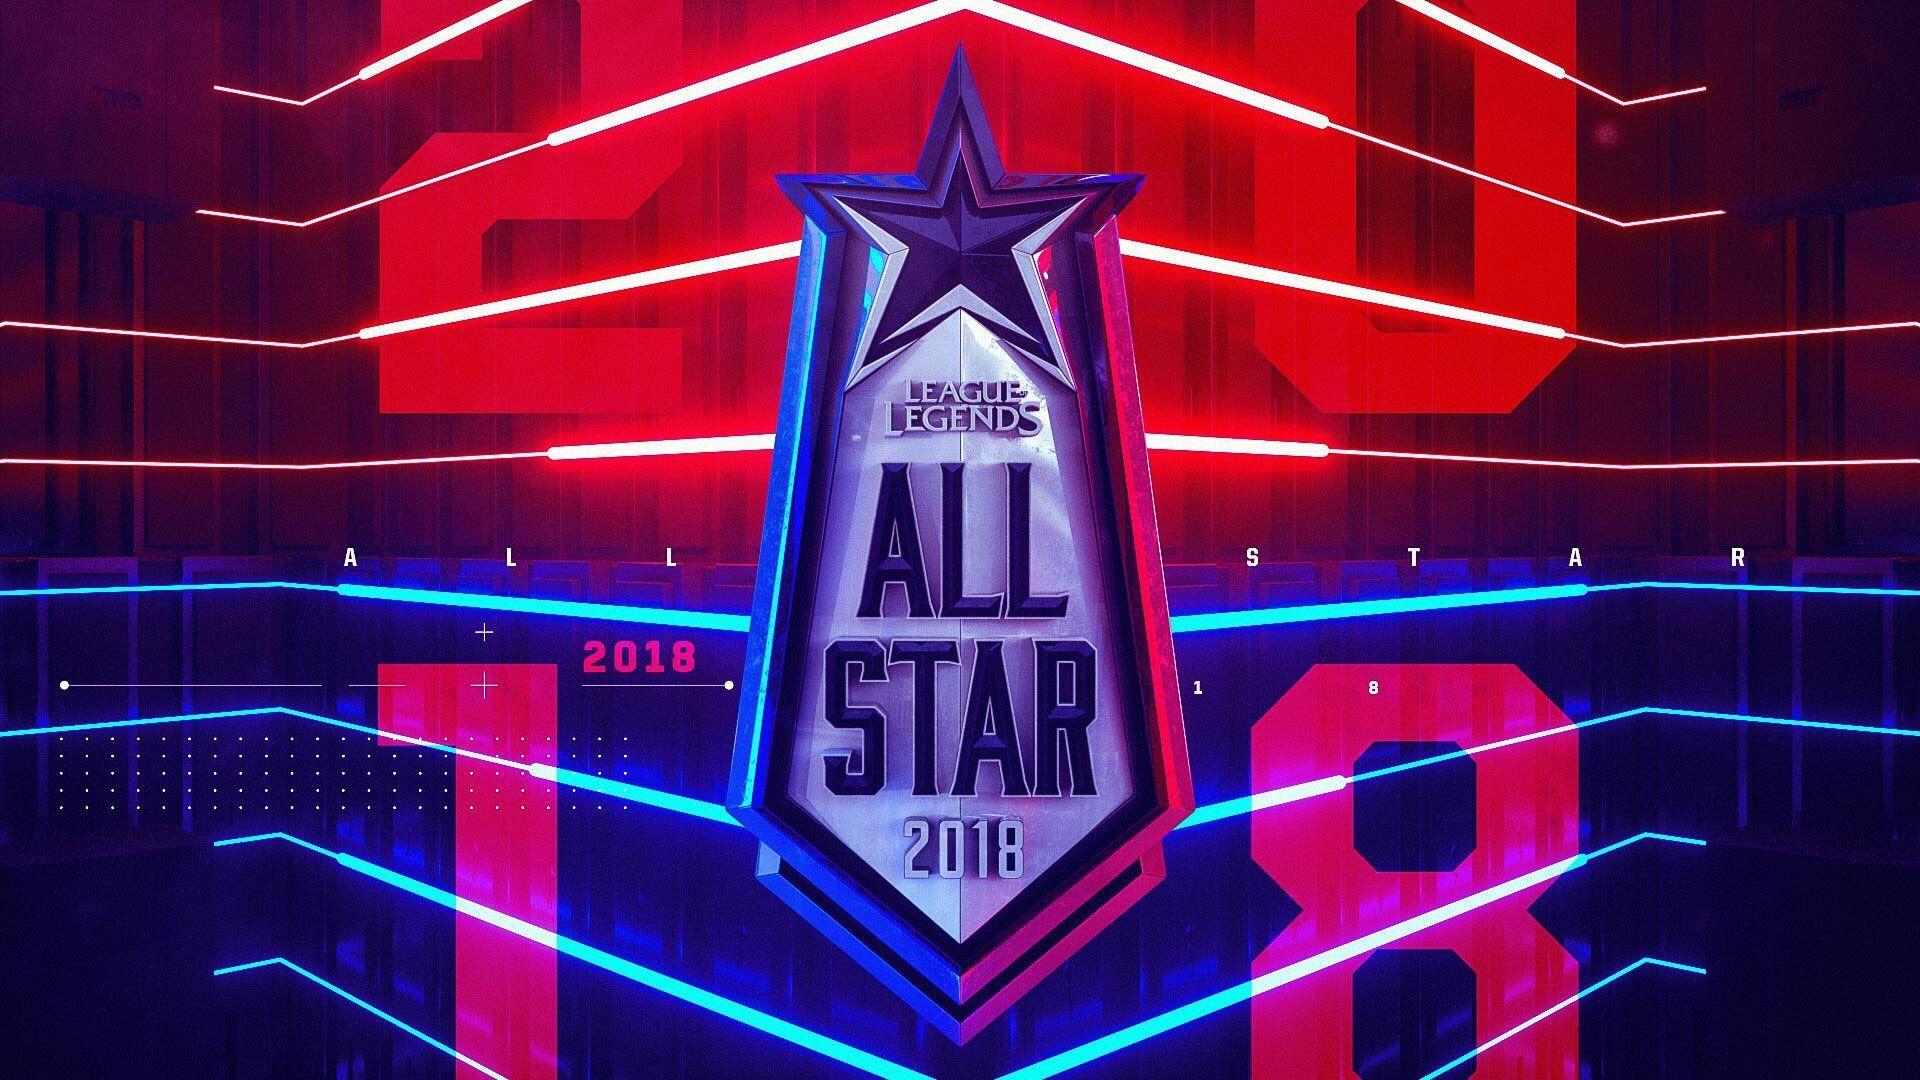 Allstars Lol 2021